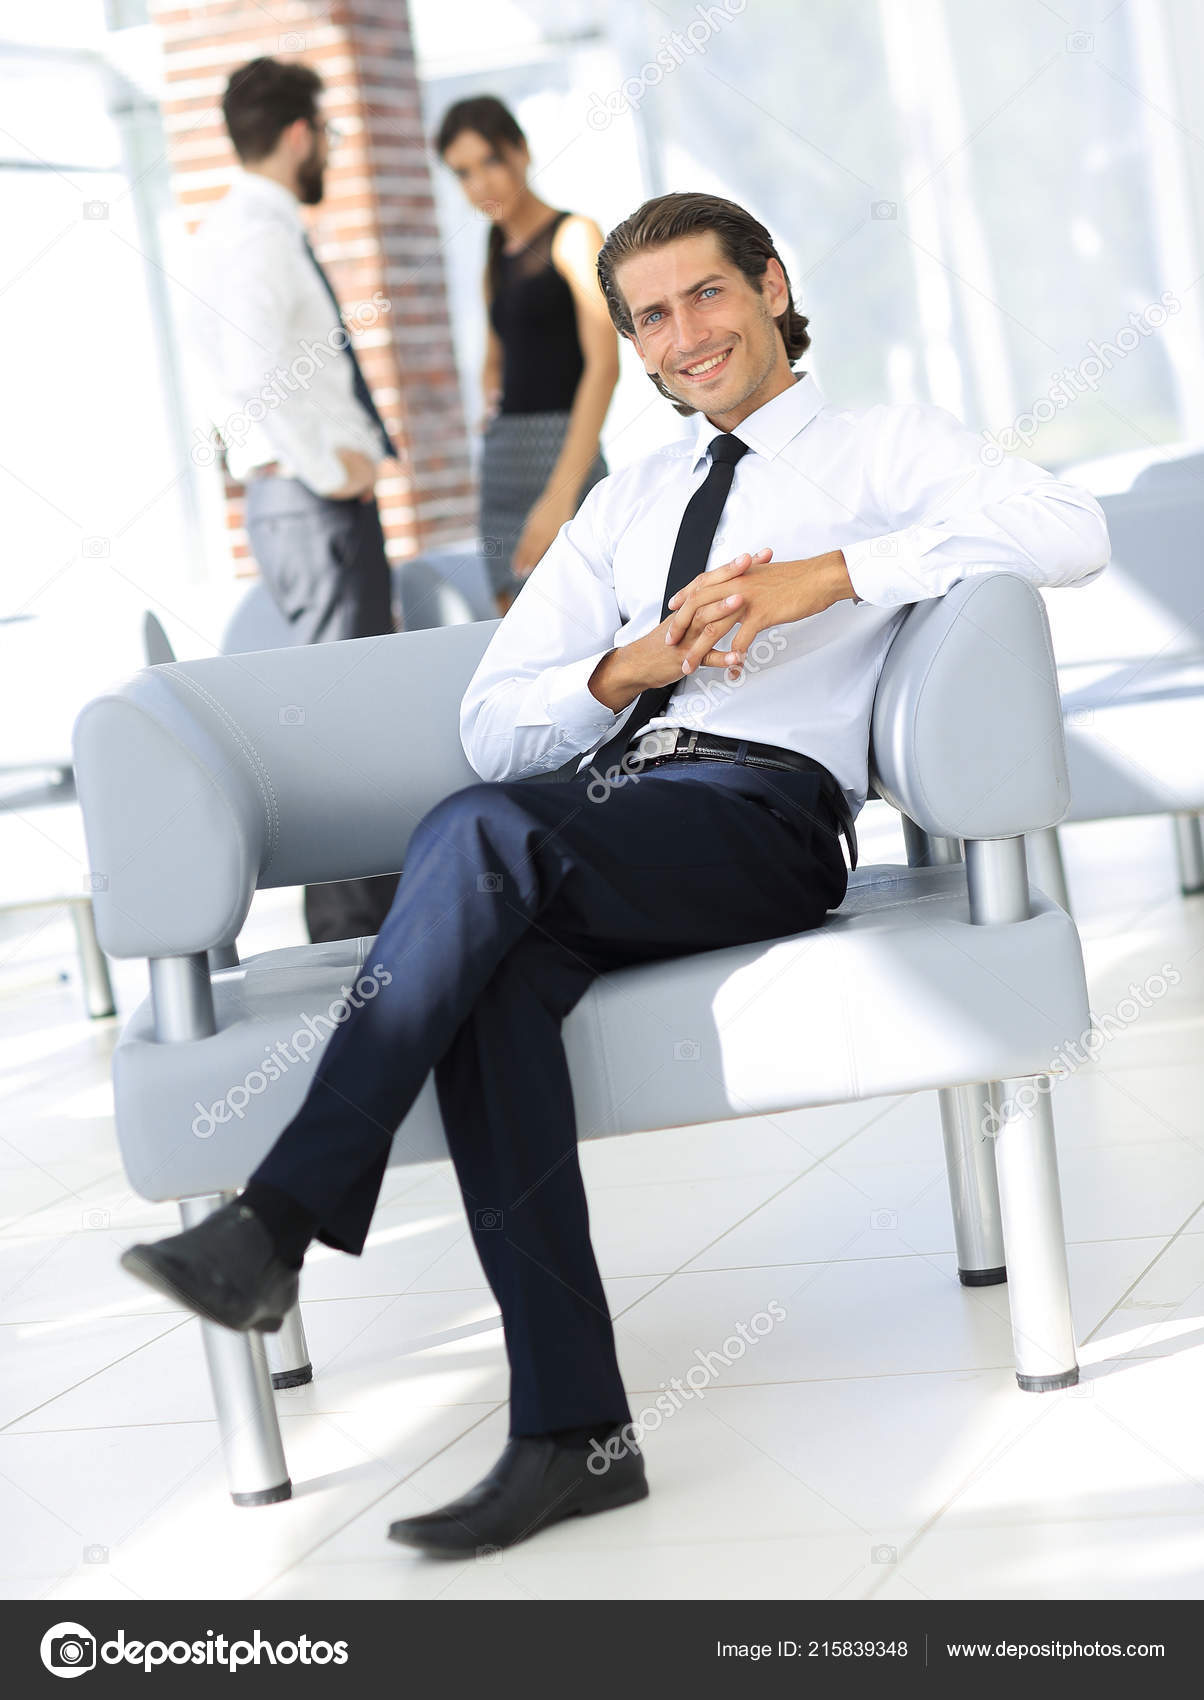 фото респектабельного мужчины сидящего в кресле настолько много, что